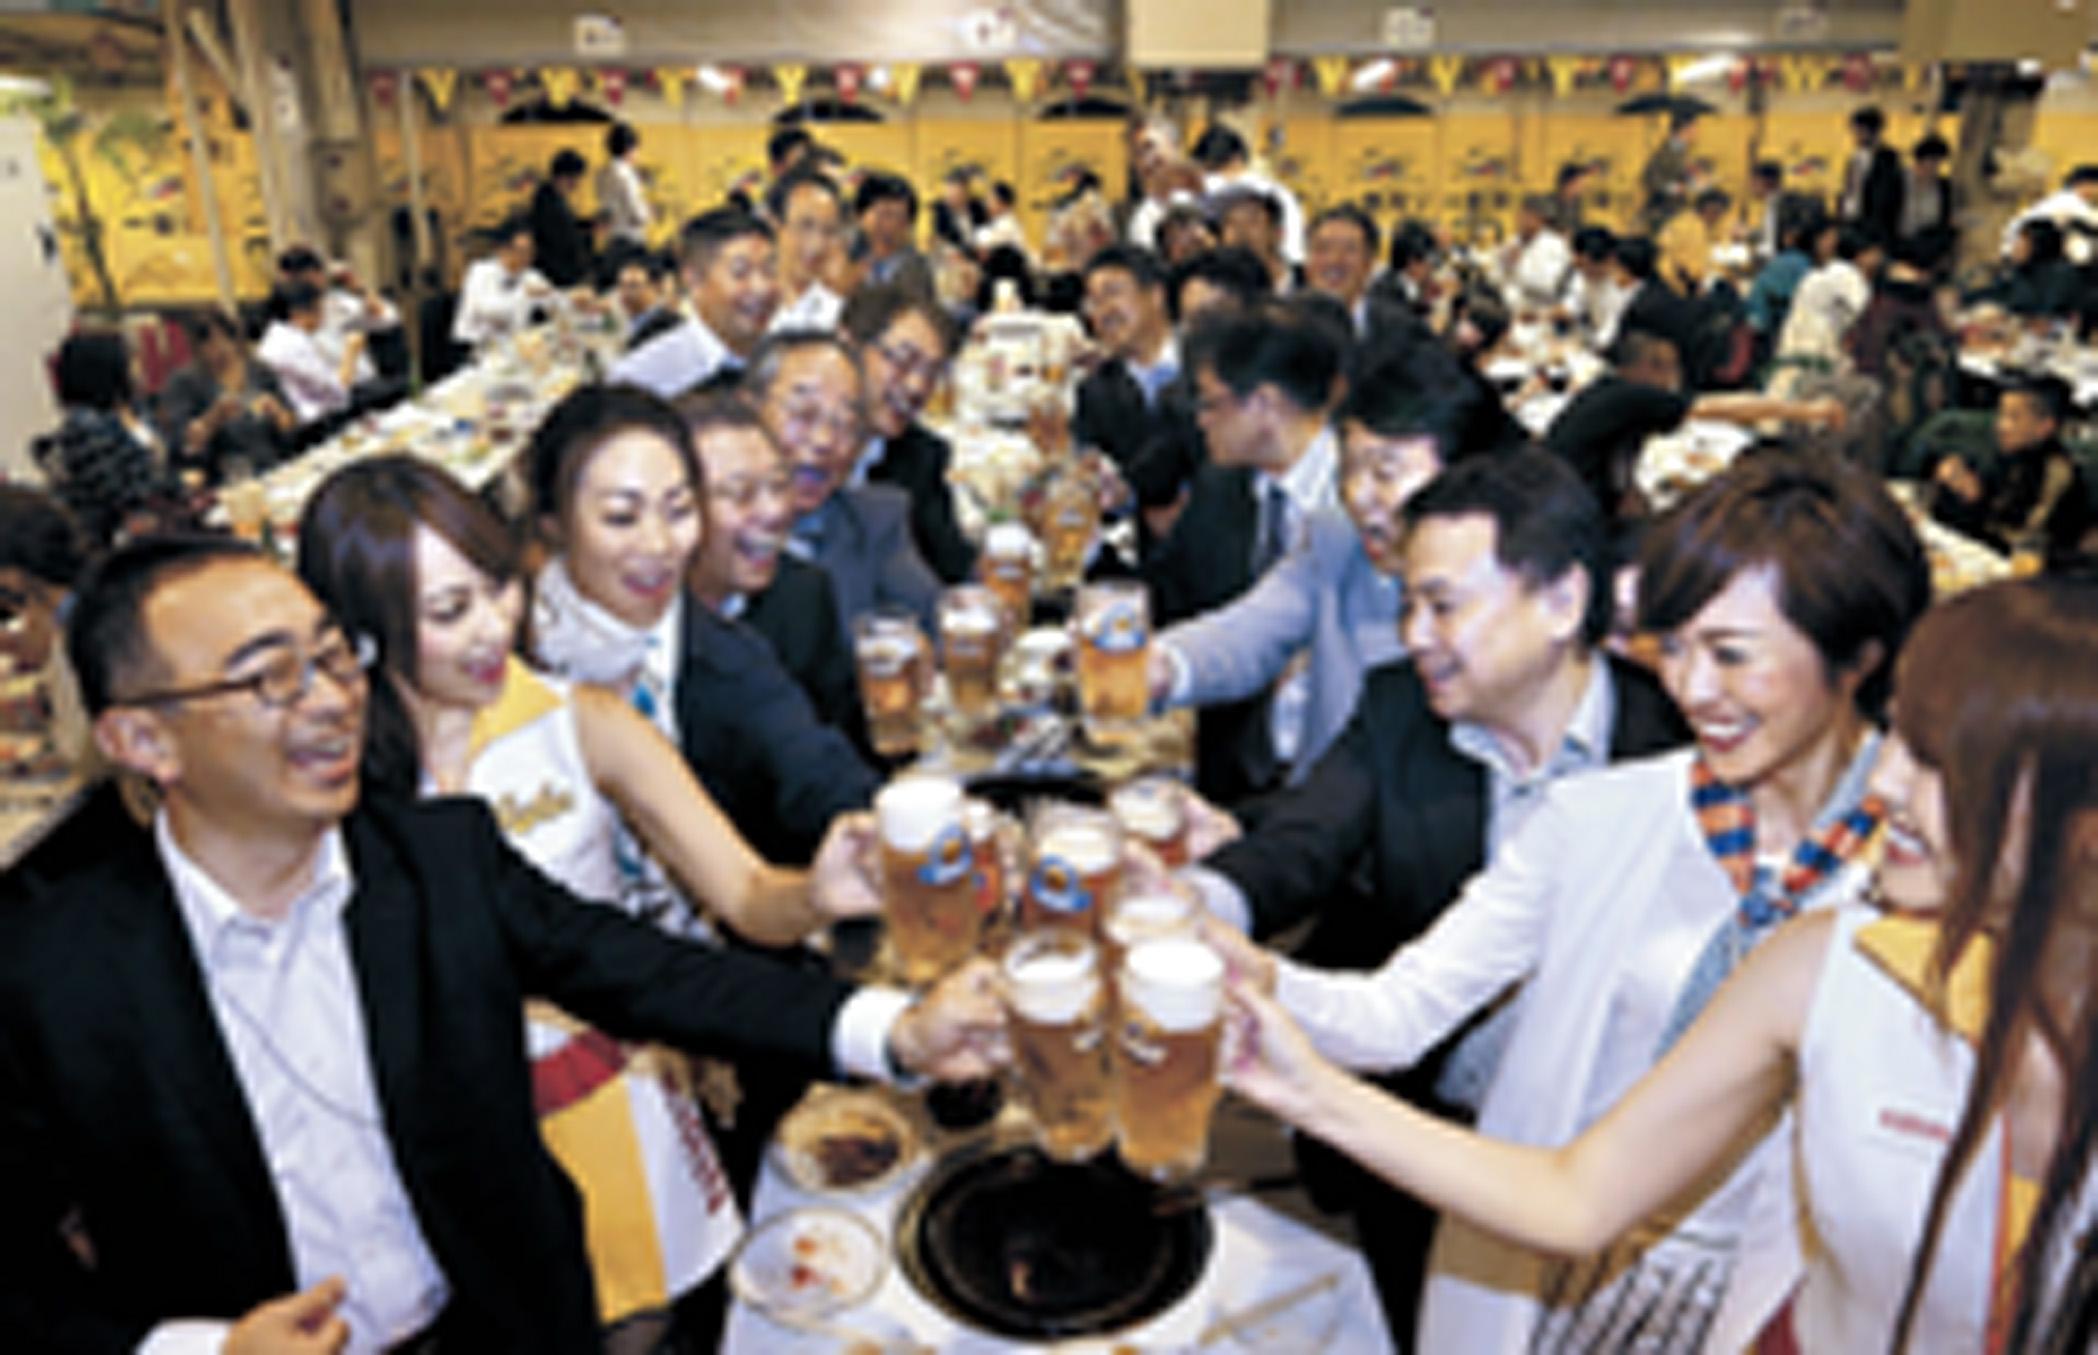 ビールで乾杯する客=10日午後7時40分、金沢市内のホテル